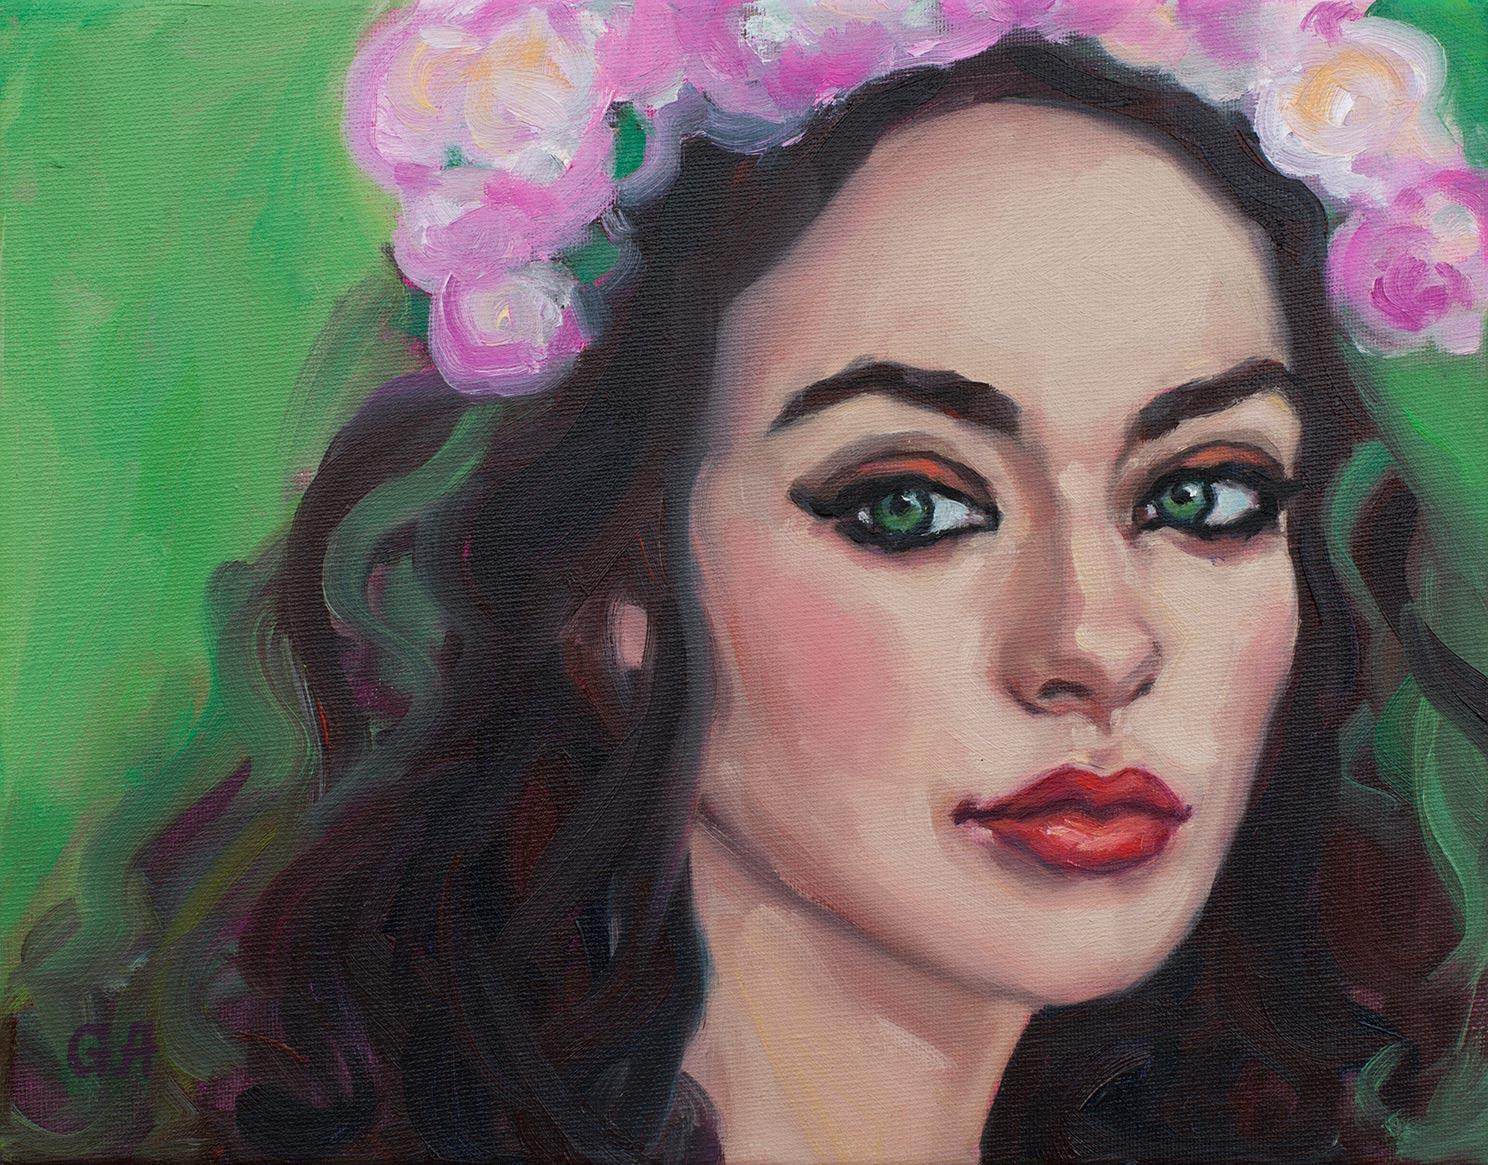 Spring-Siren-Giselle-Ayupova-oil-painting-sm1.jpg